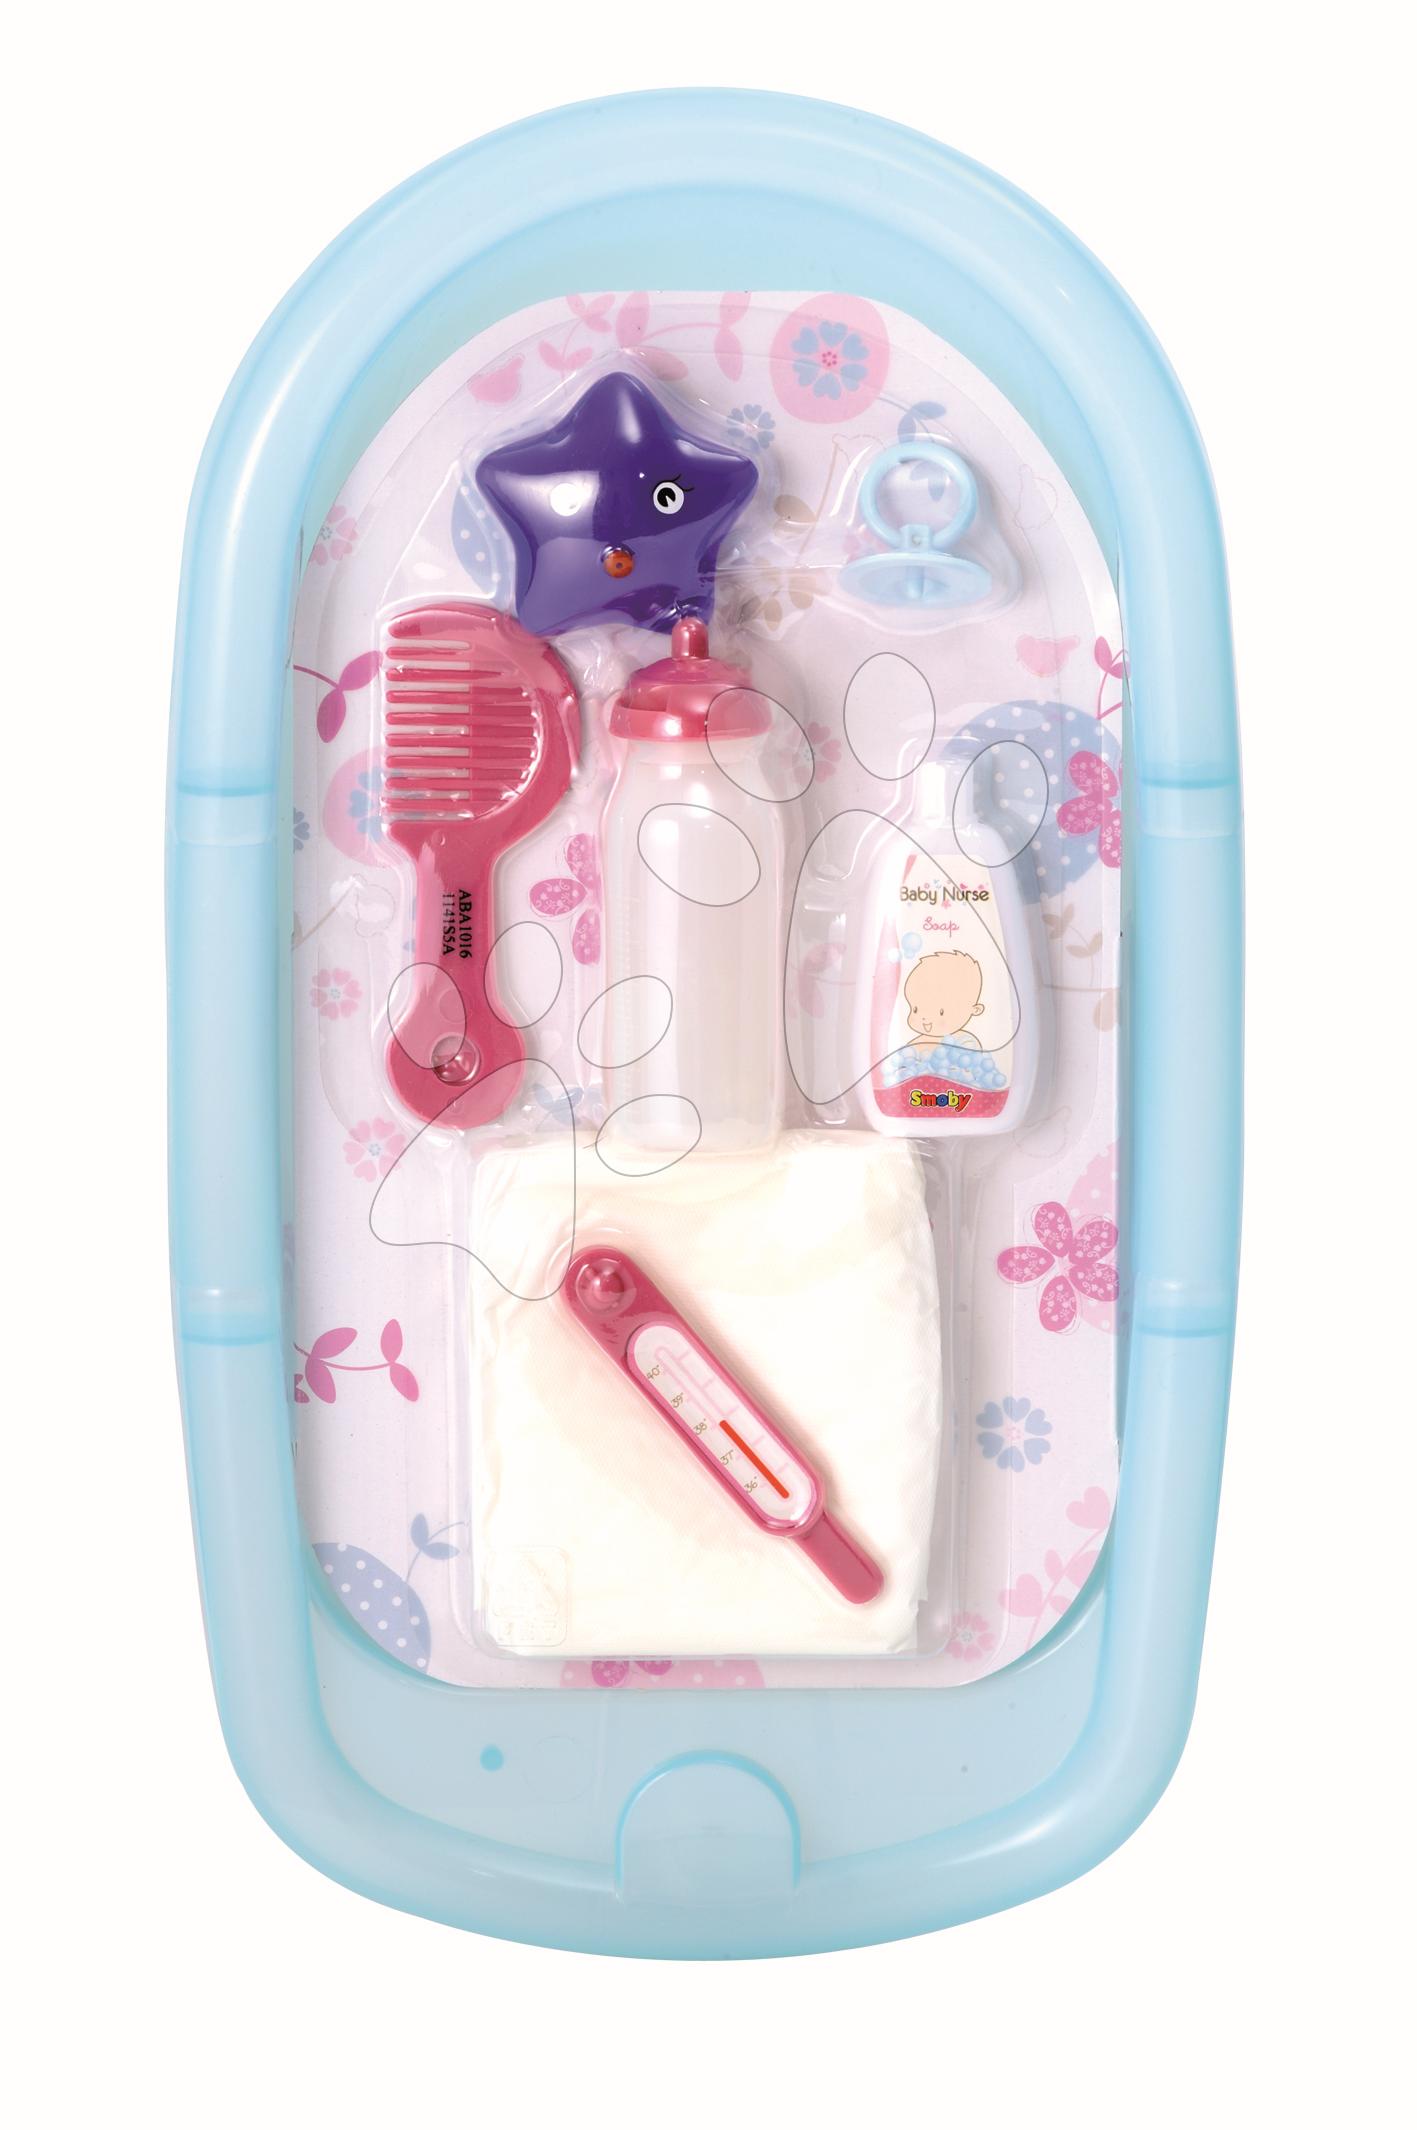 Baby Nursery vanička Smoby s příslušenstvím